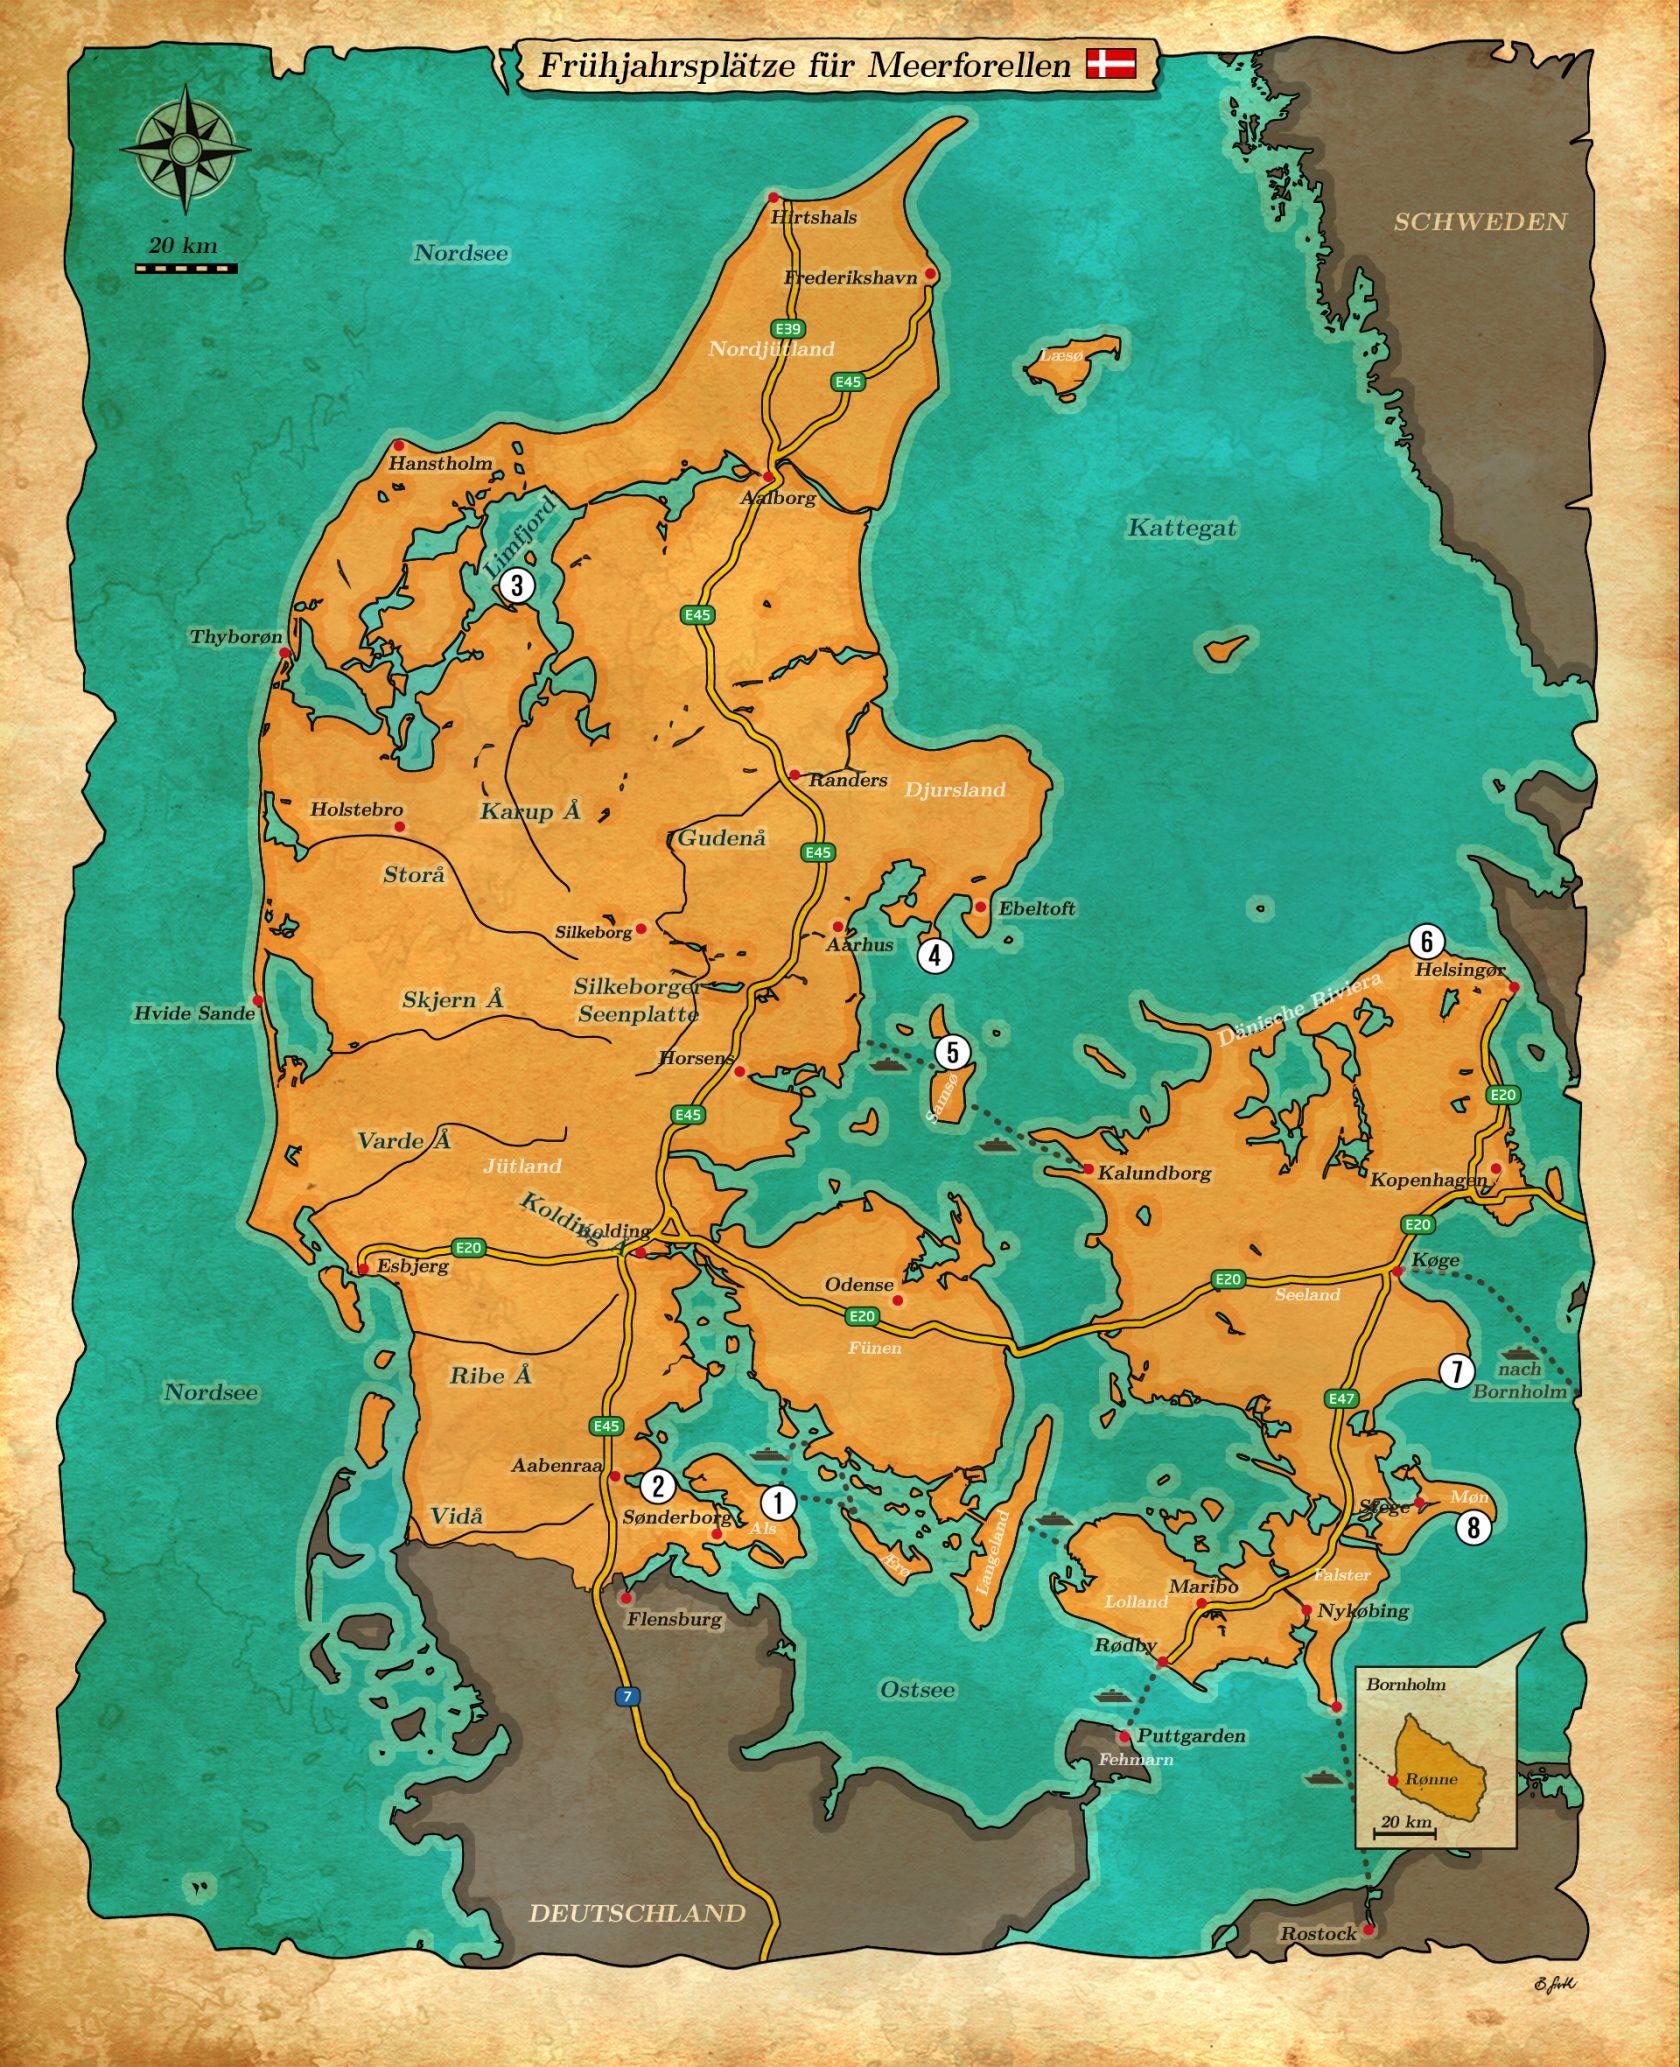 Karte Angelplätze für Meerforellen in Dänemark